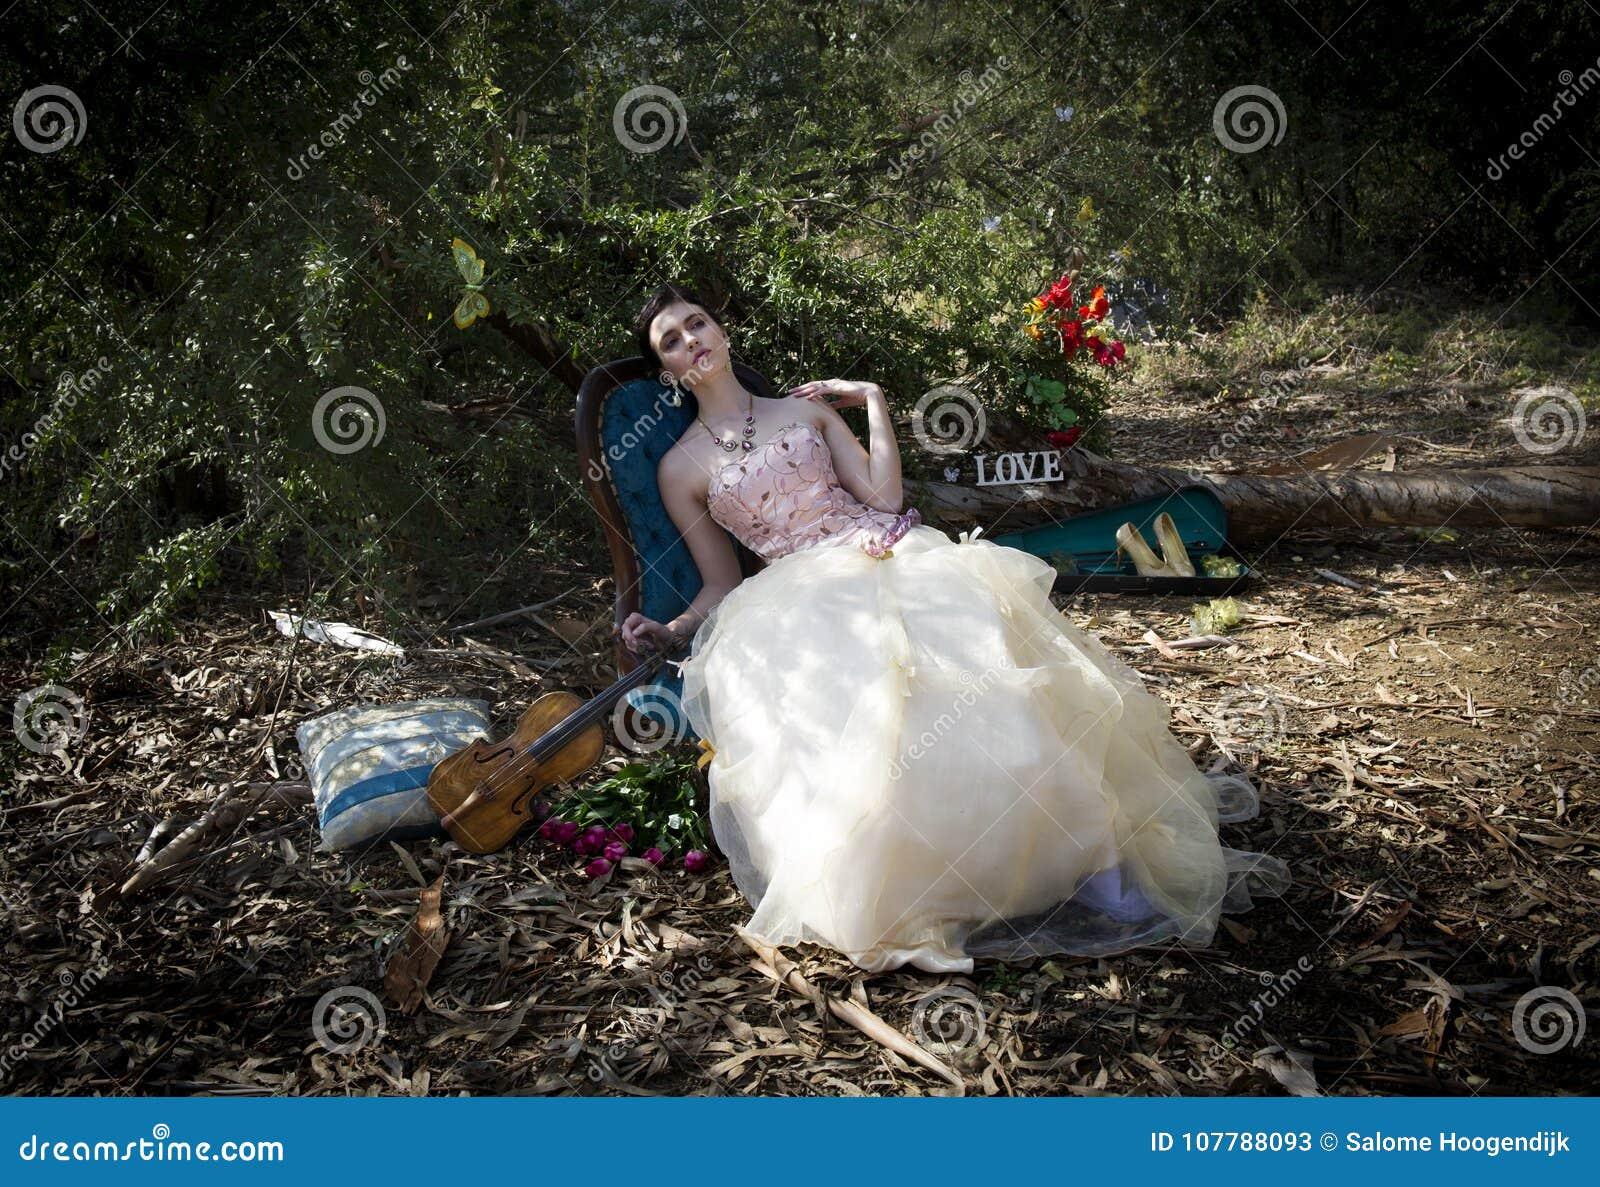 972fbb642d0 Η γυναίκα στο εκλεκτής ποιότητας ξάπλωμα φορεμάτων ραπτικών στη στυλ ροκοκό  καρέκλα στη μέση το δάσος